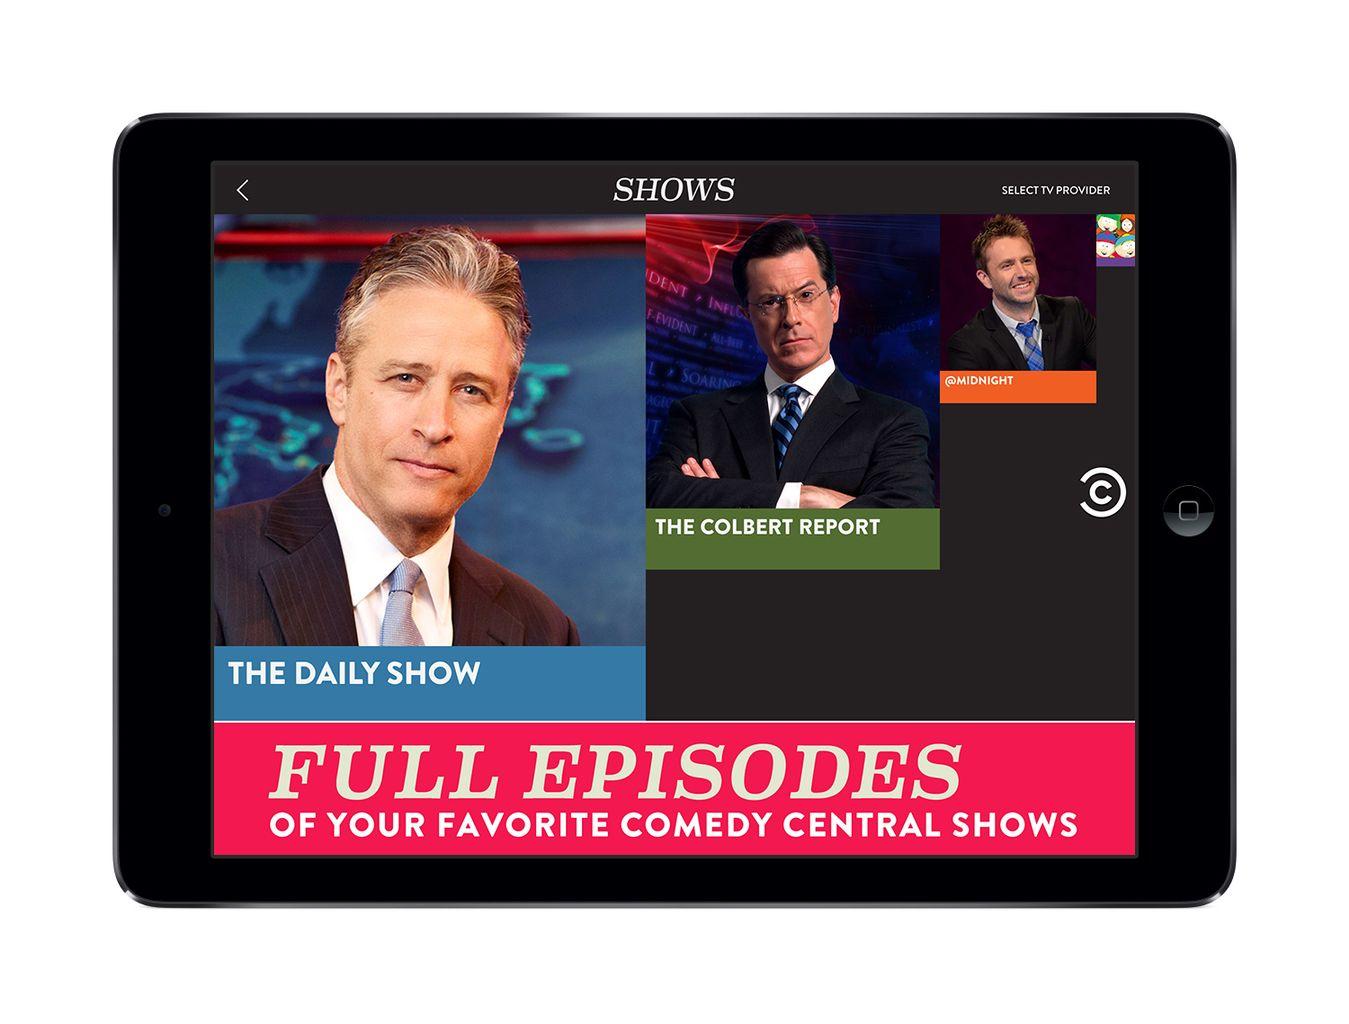 iPad Full Episode